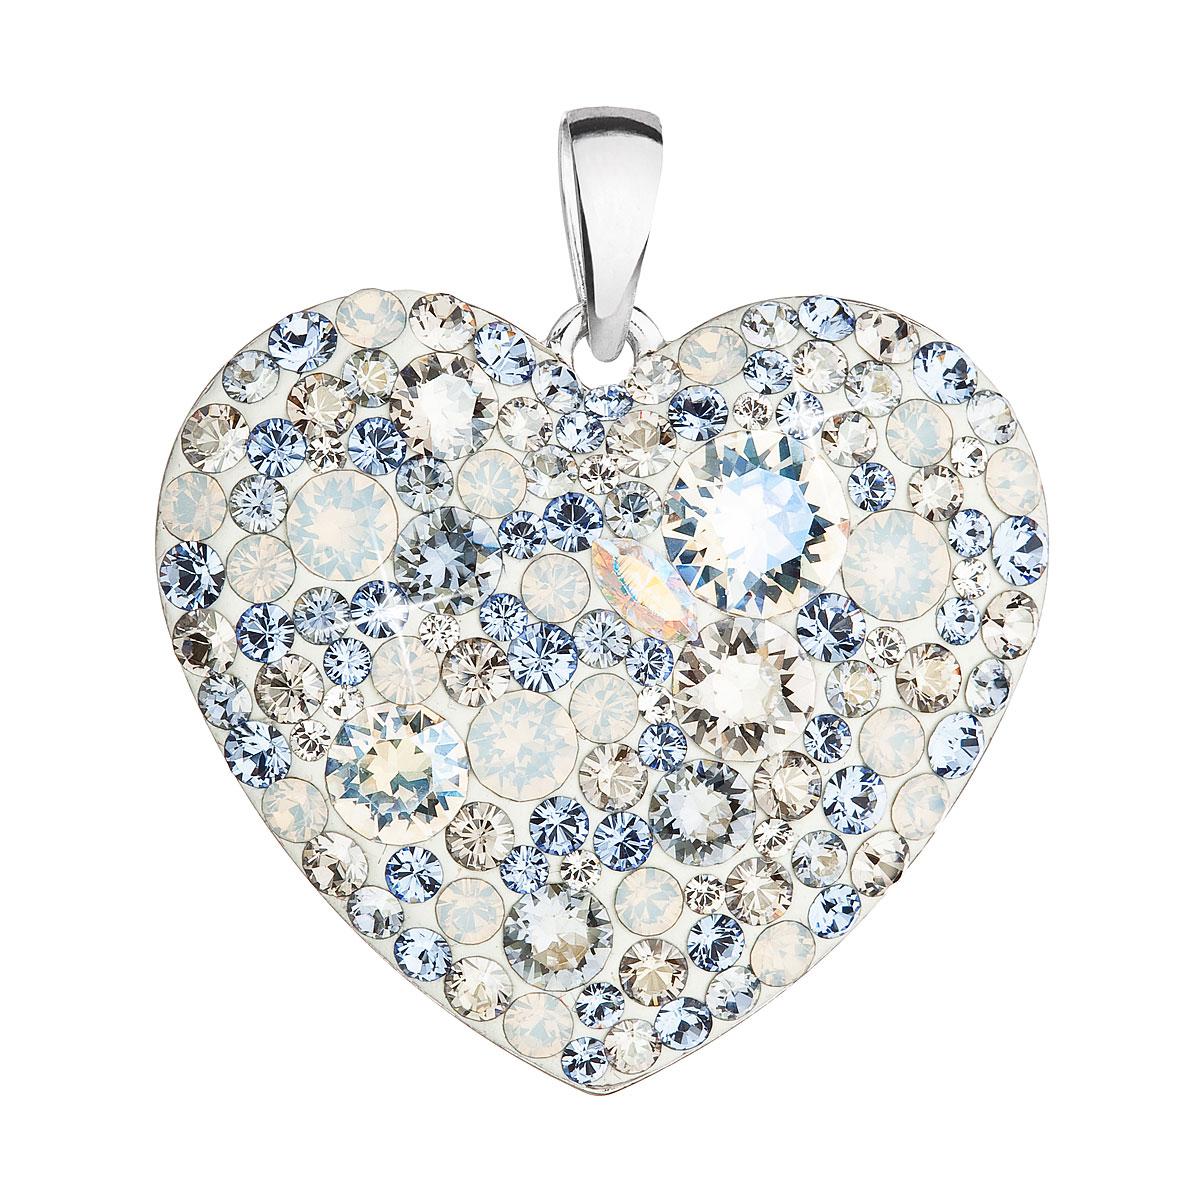 Strieborný prívesok s krištáľmi Swarovski modré srdce 34243.3 light sapphire